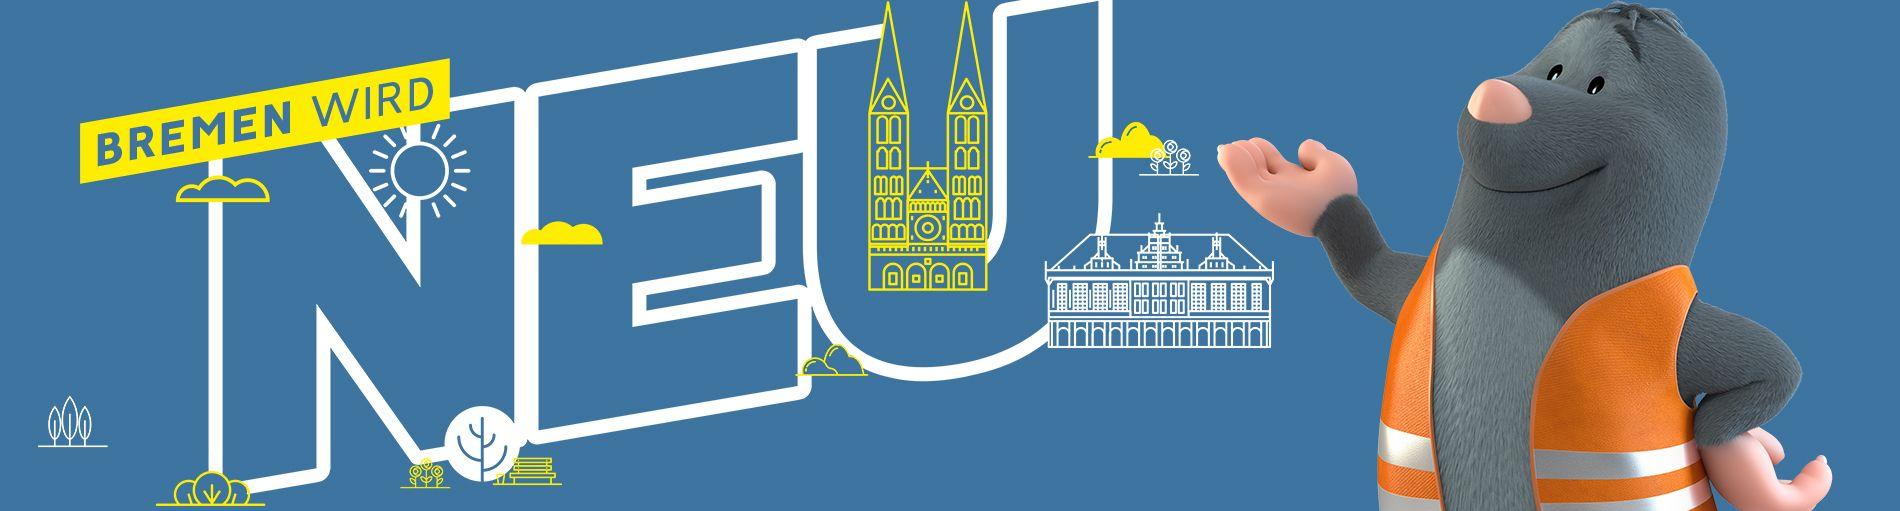 Bremen wird neu - ein weißer Schriftzug auf blauem Grund kündigt bauliche Veränderungen in der Bremer Innenstadt an